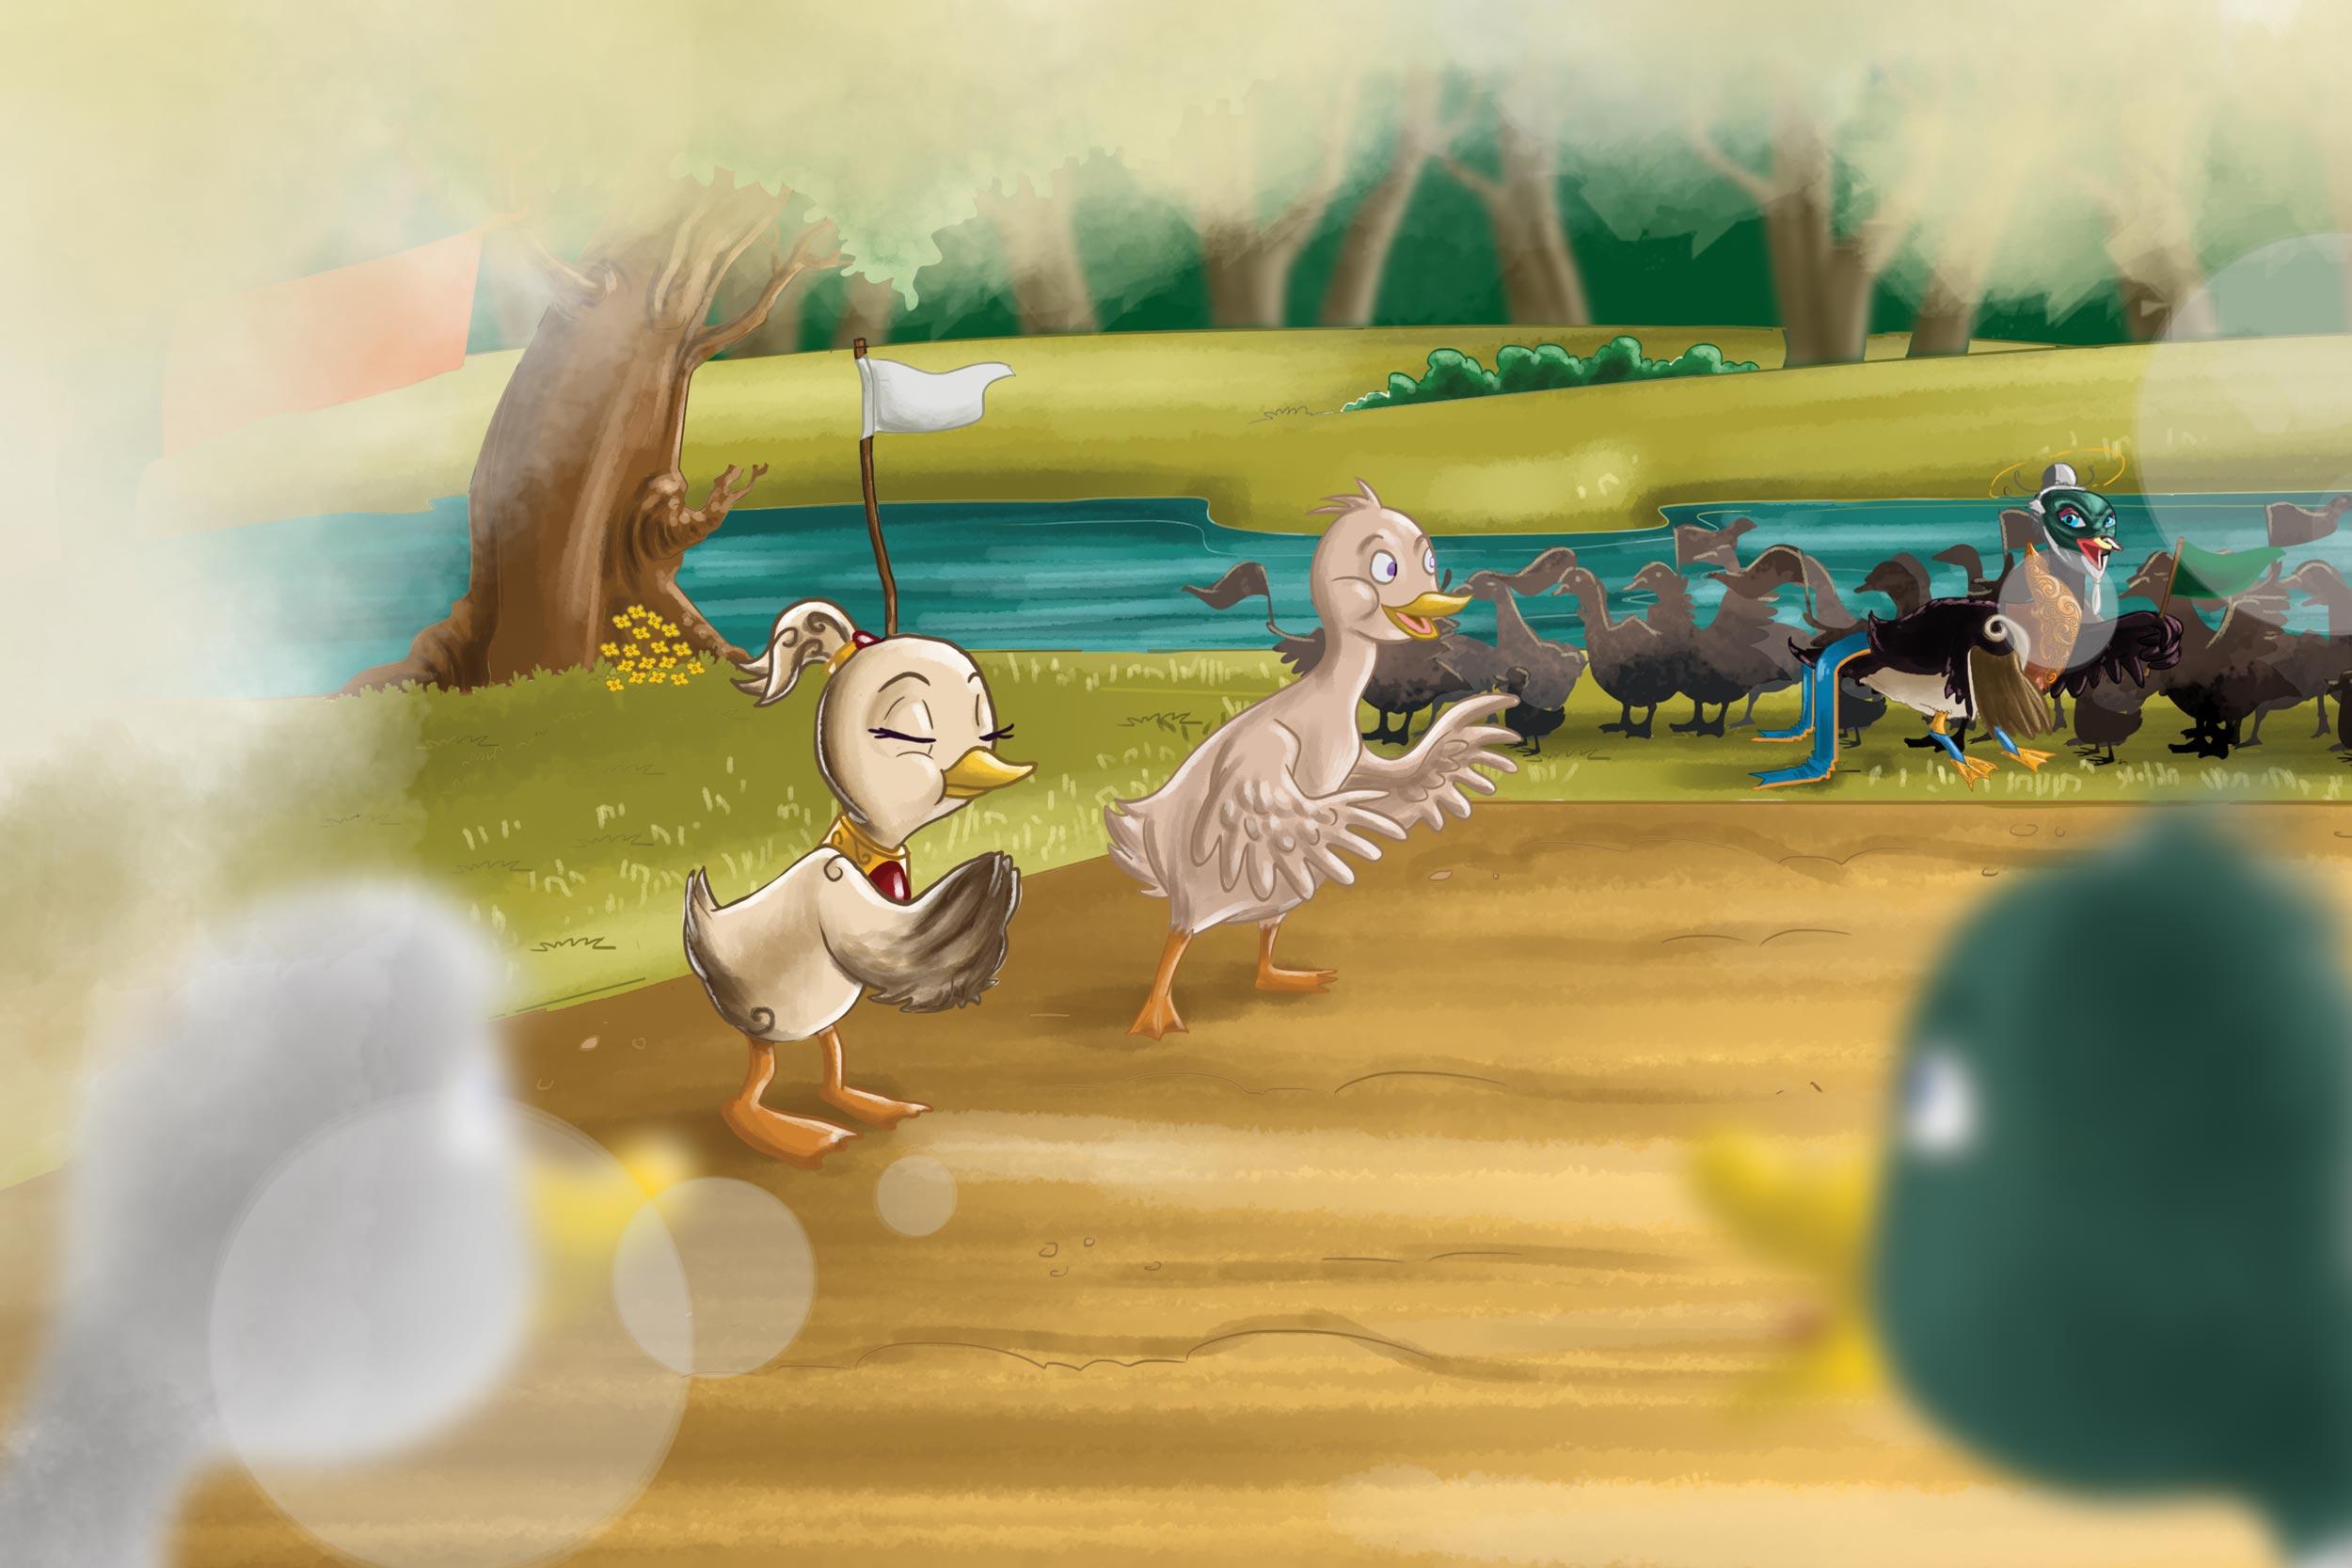 journey-of-puddle-christian-illustrated-children-books-illustration-4.jpg